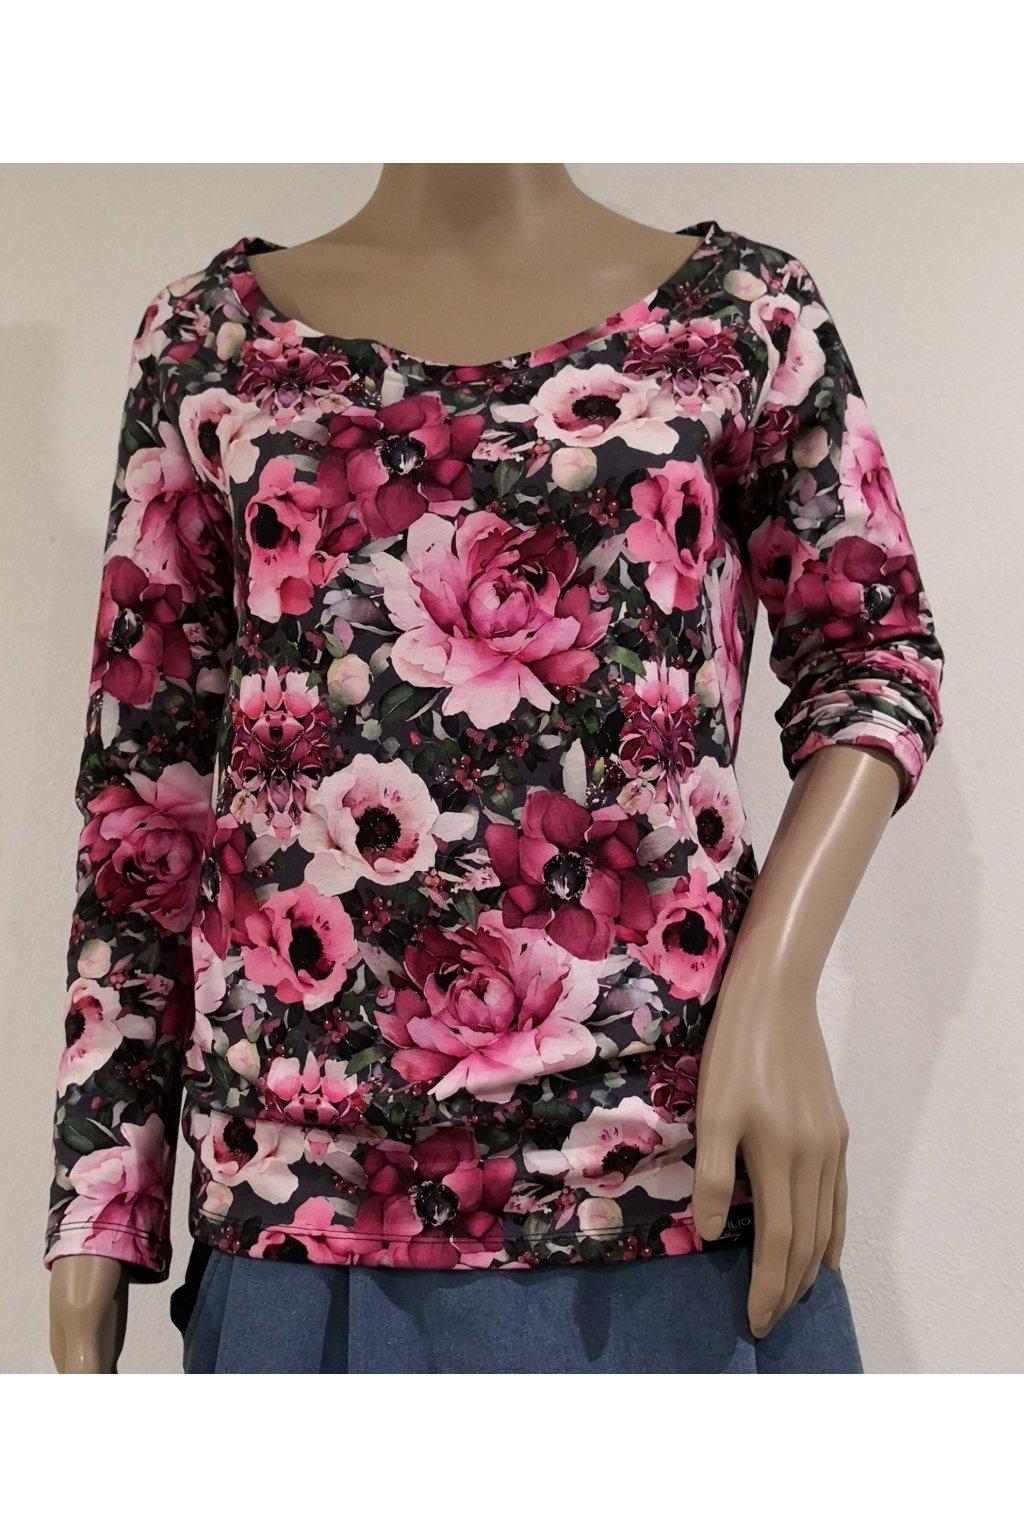 Tričko s dlouhým rukávem - Pivoňky a růže | úplet